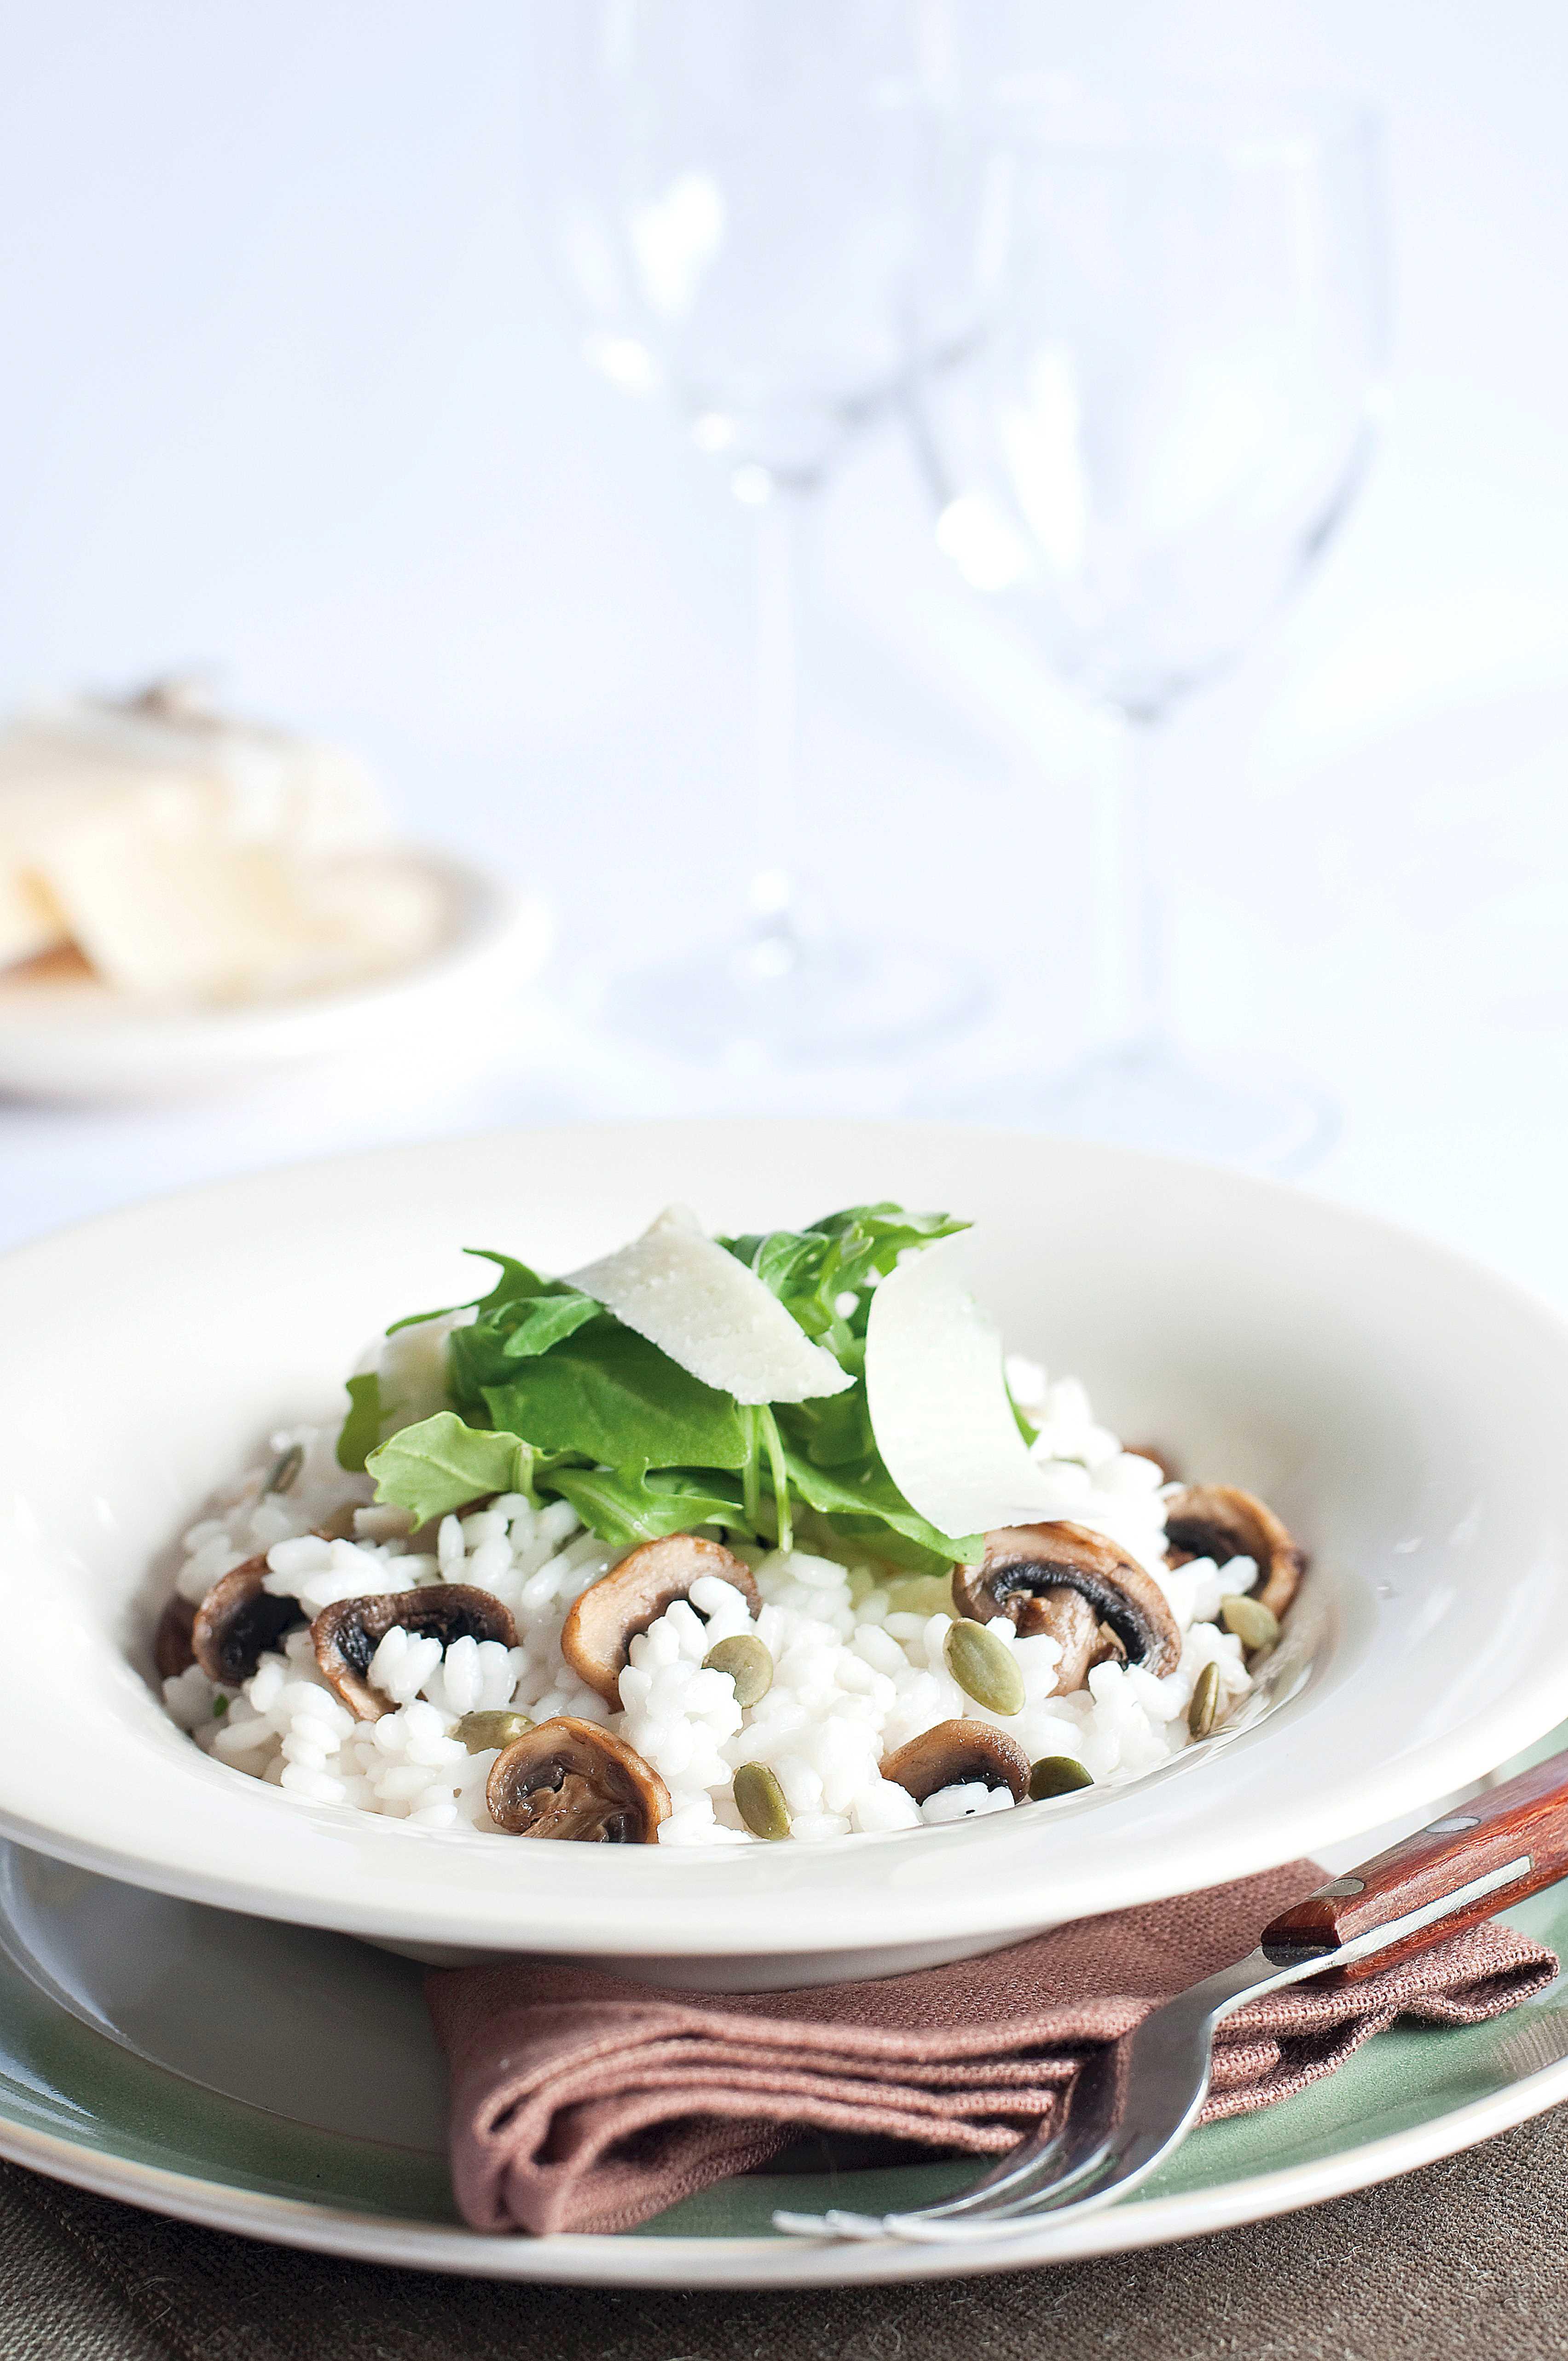 Ricetta Risotto Funghi E Rucola.Ricetta Risotto Ai Funghi Rucola Semi Di Zucca E Parmigiano Con Il Bimby Agrodolce